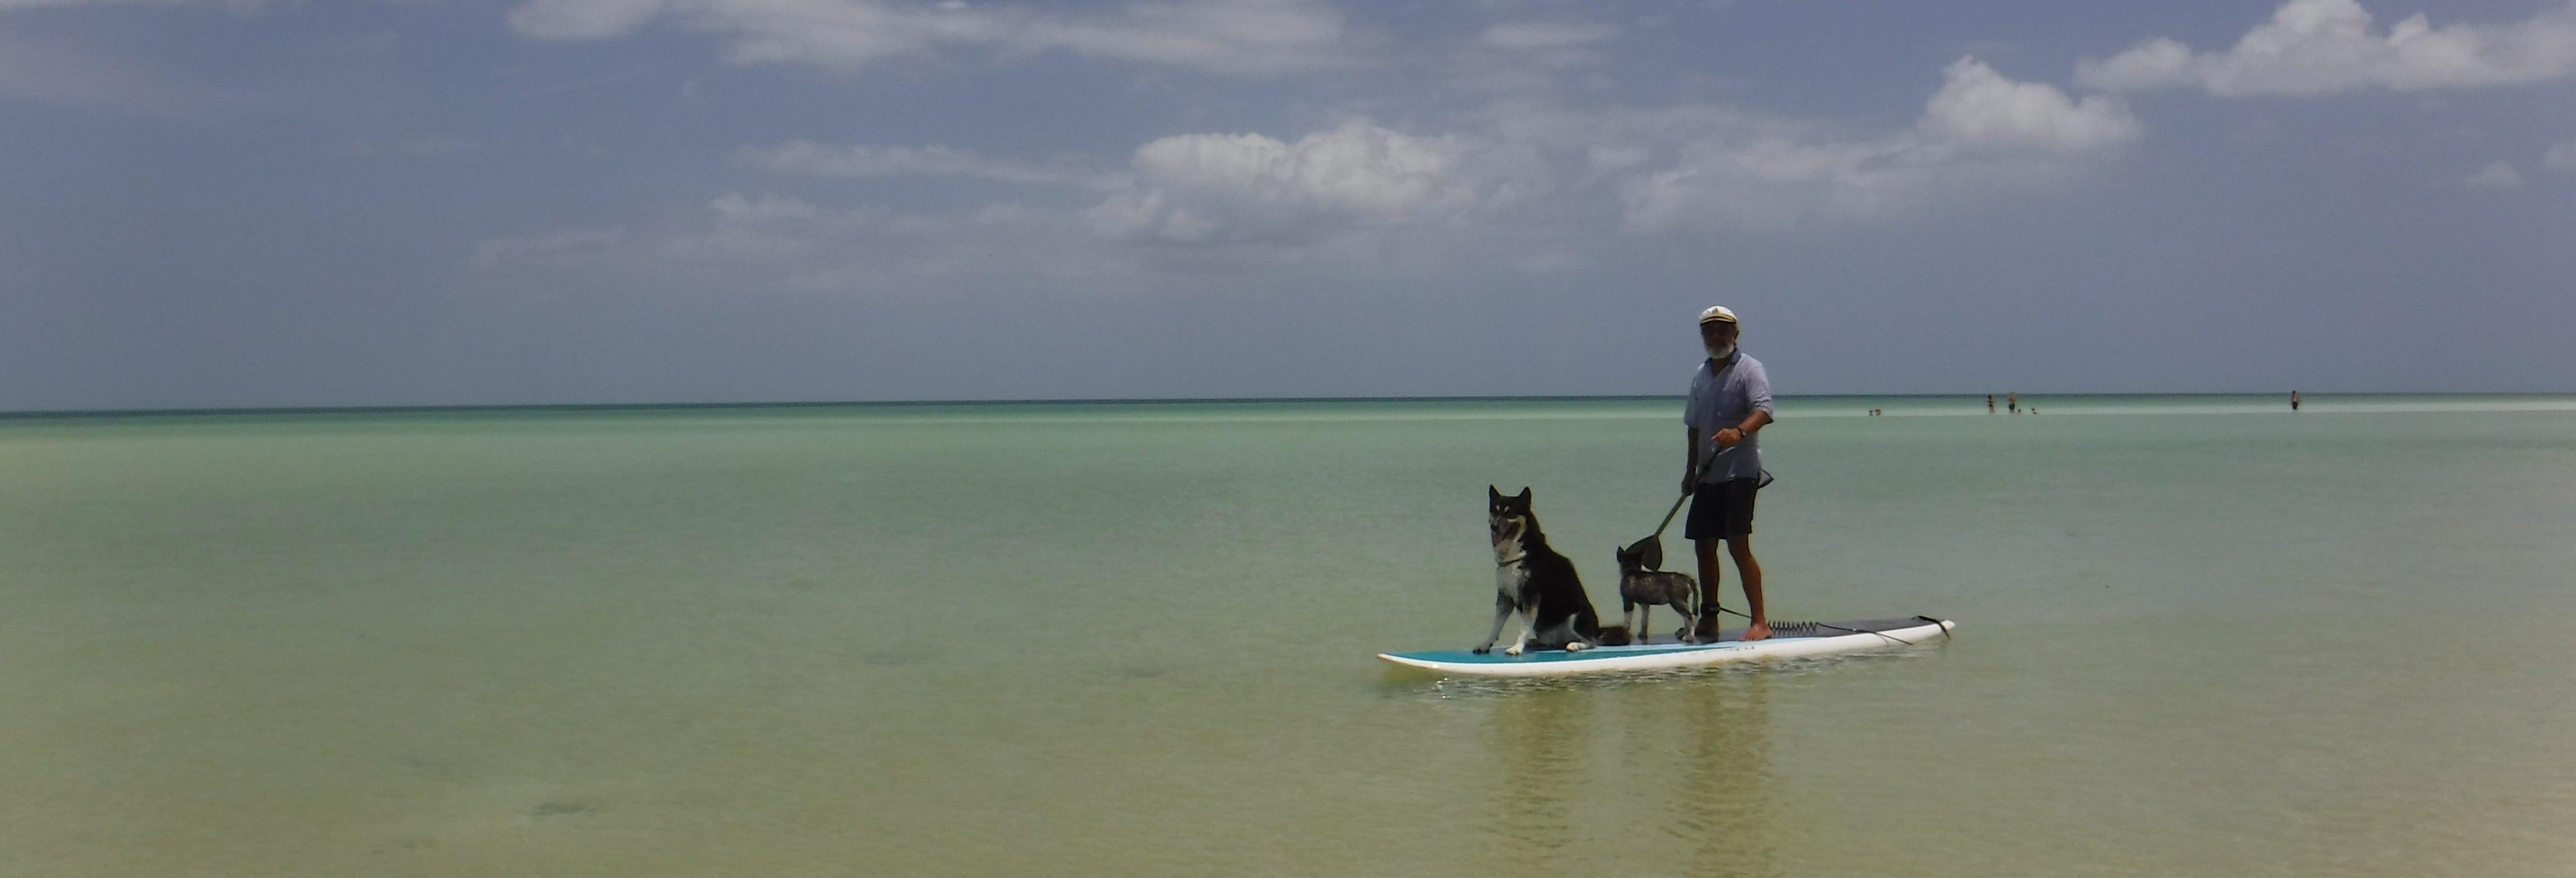 Excursión en Paddle surf en Holbox